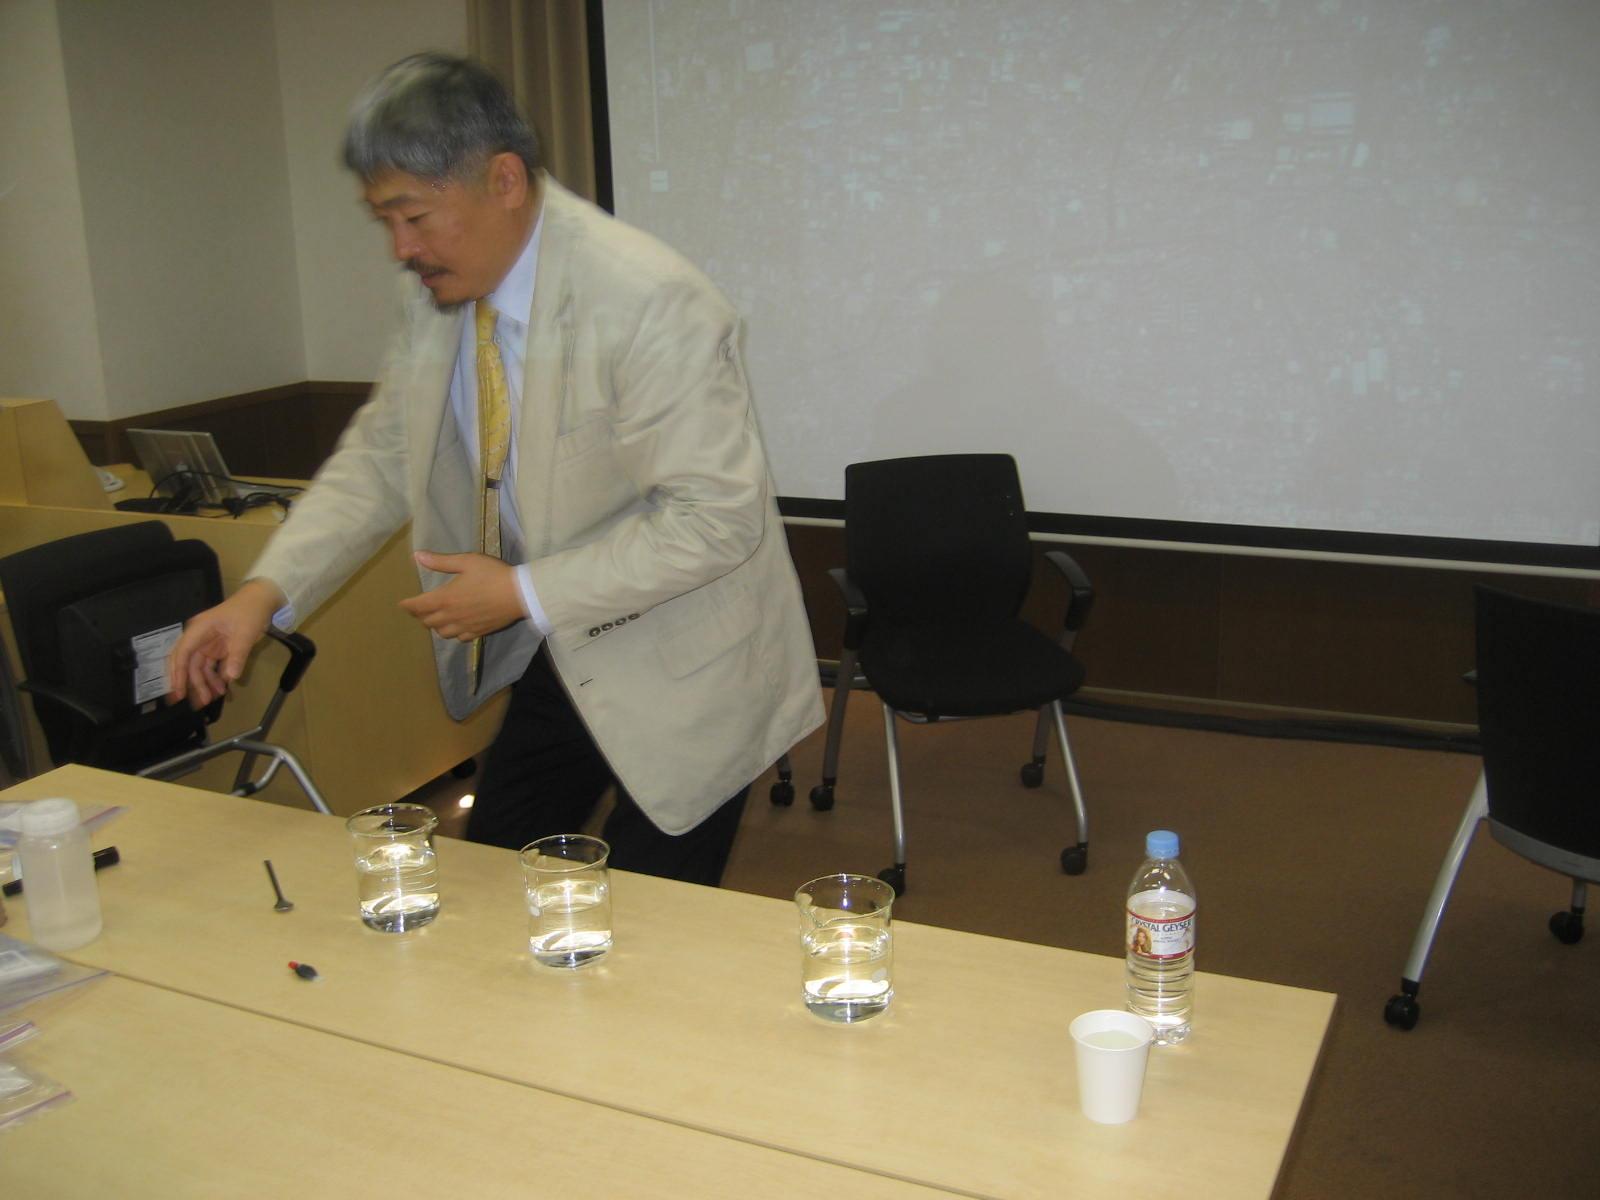 大東の川を知ろう | 不妊|鍼灸|大阪|不妊の鍼灸治療は三ツ川レディース鍼灸院